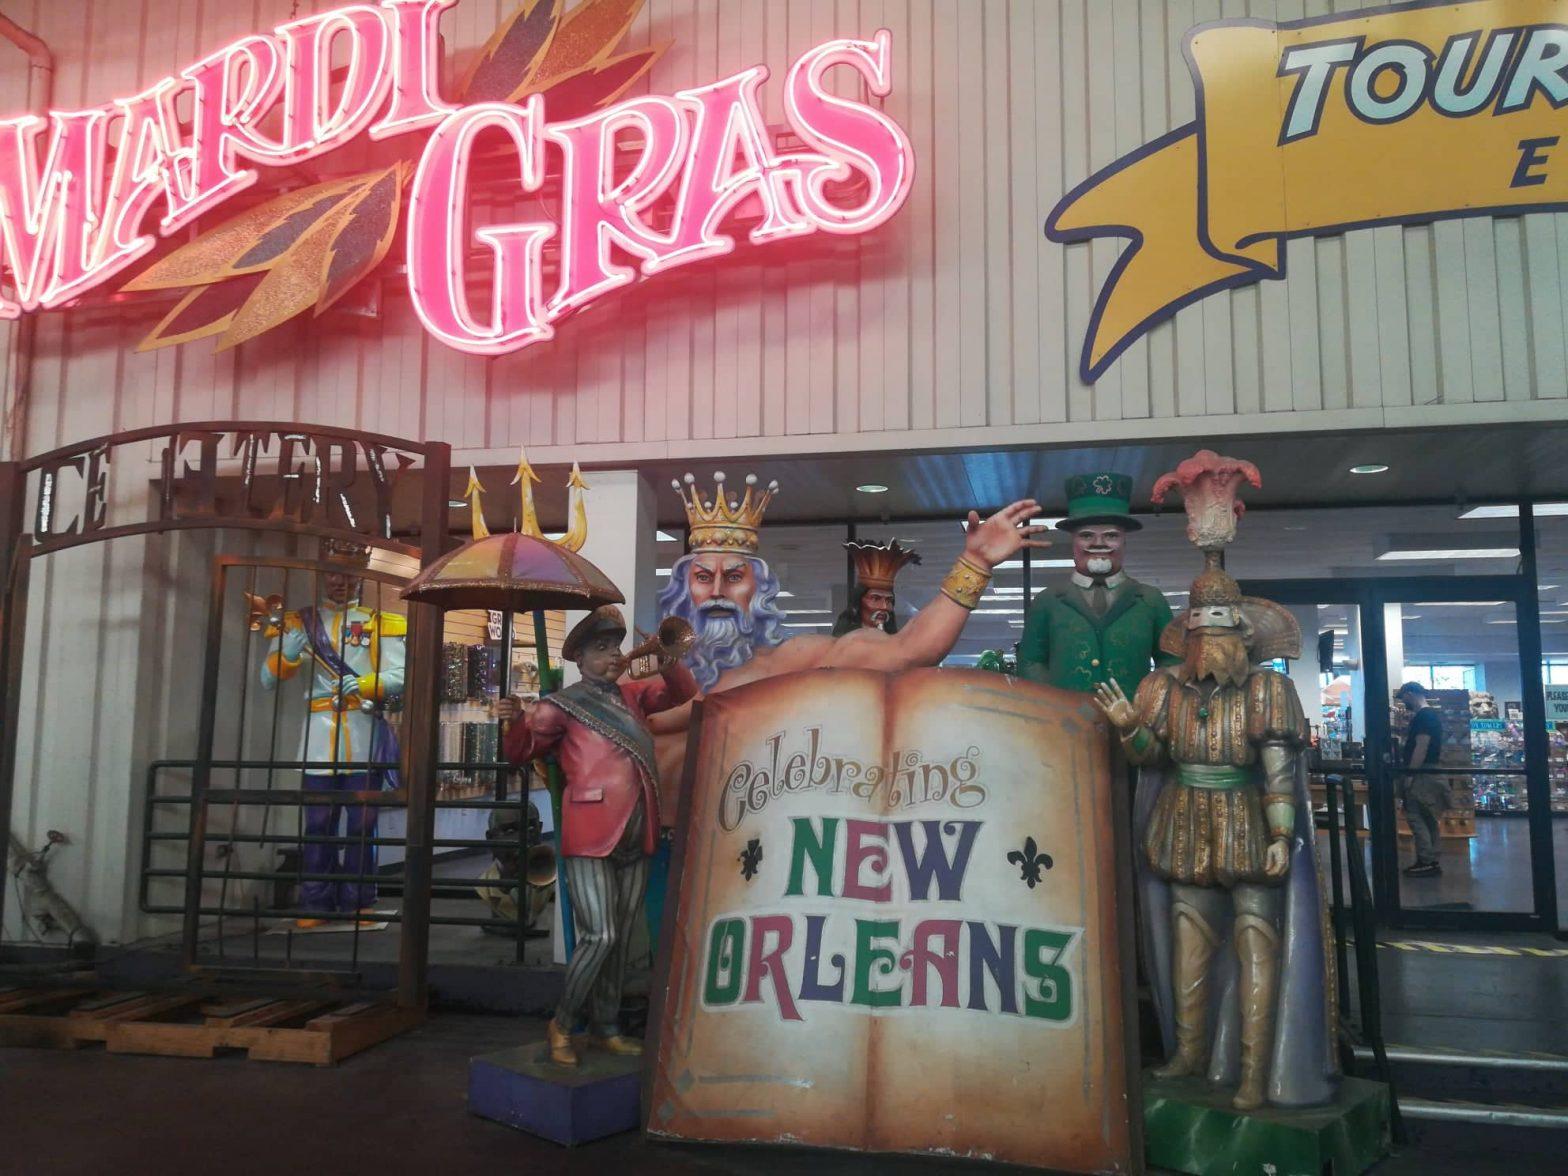 visita al Mardi Gras World ingresso